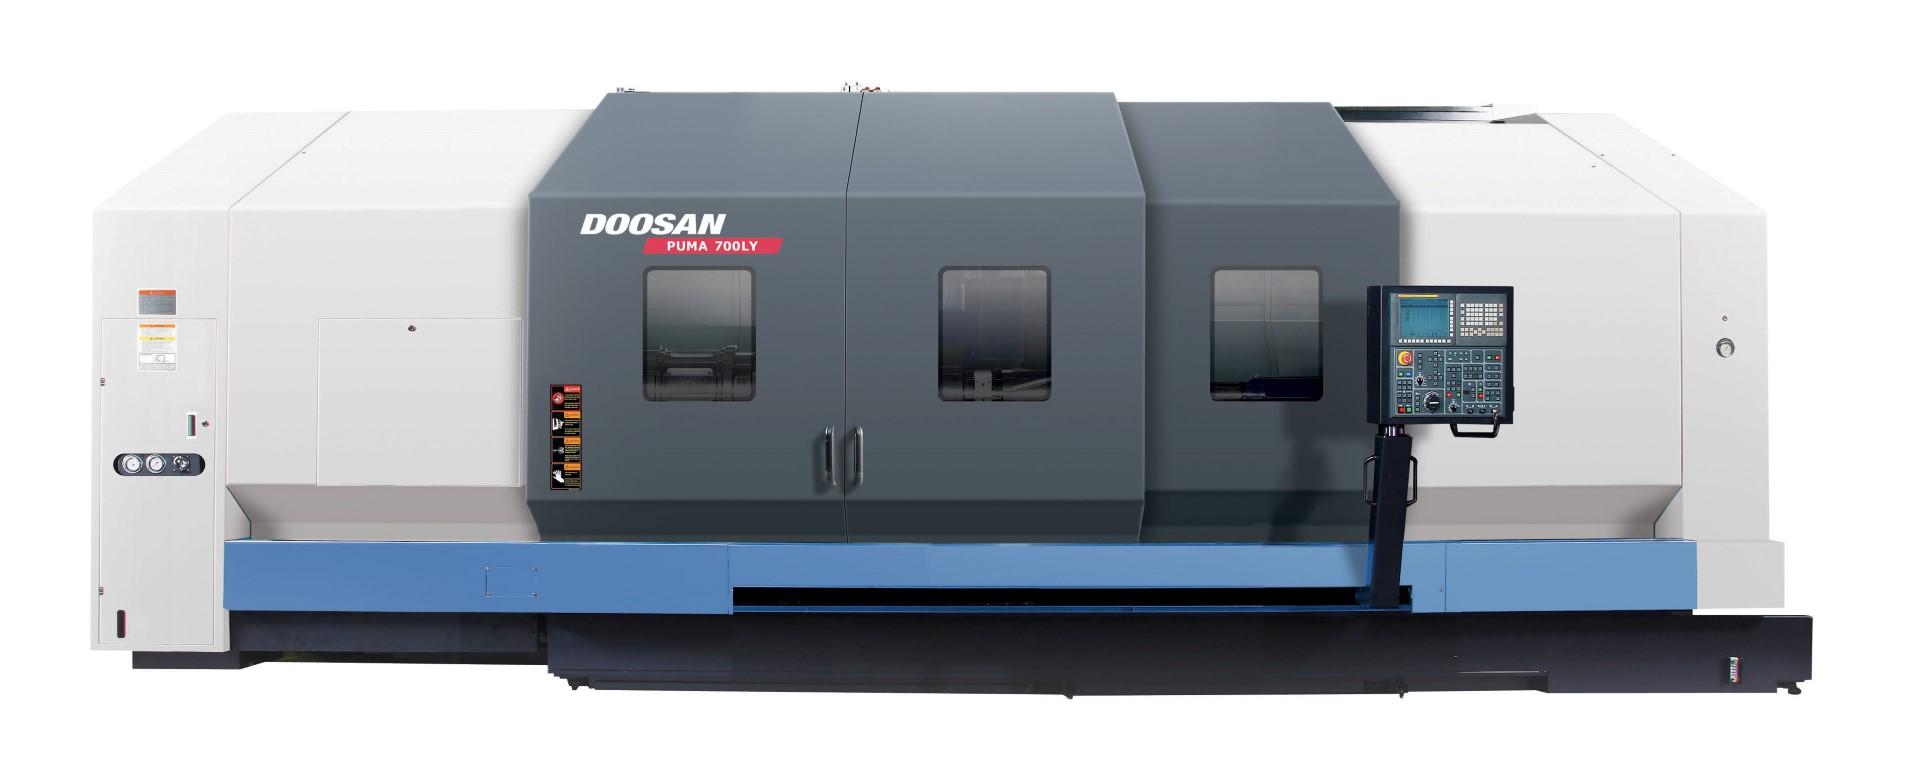 Doosan PUMA 700, 700L, 700XL